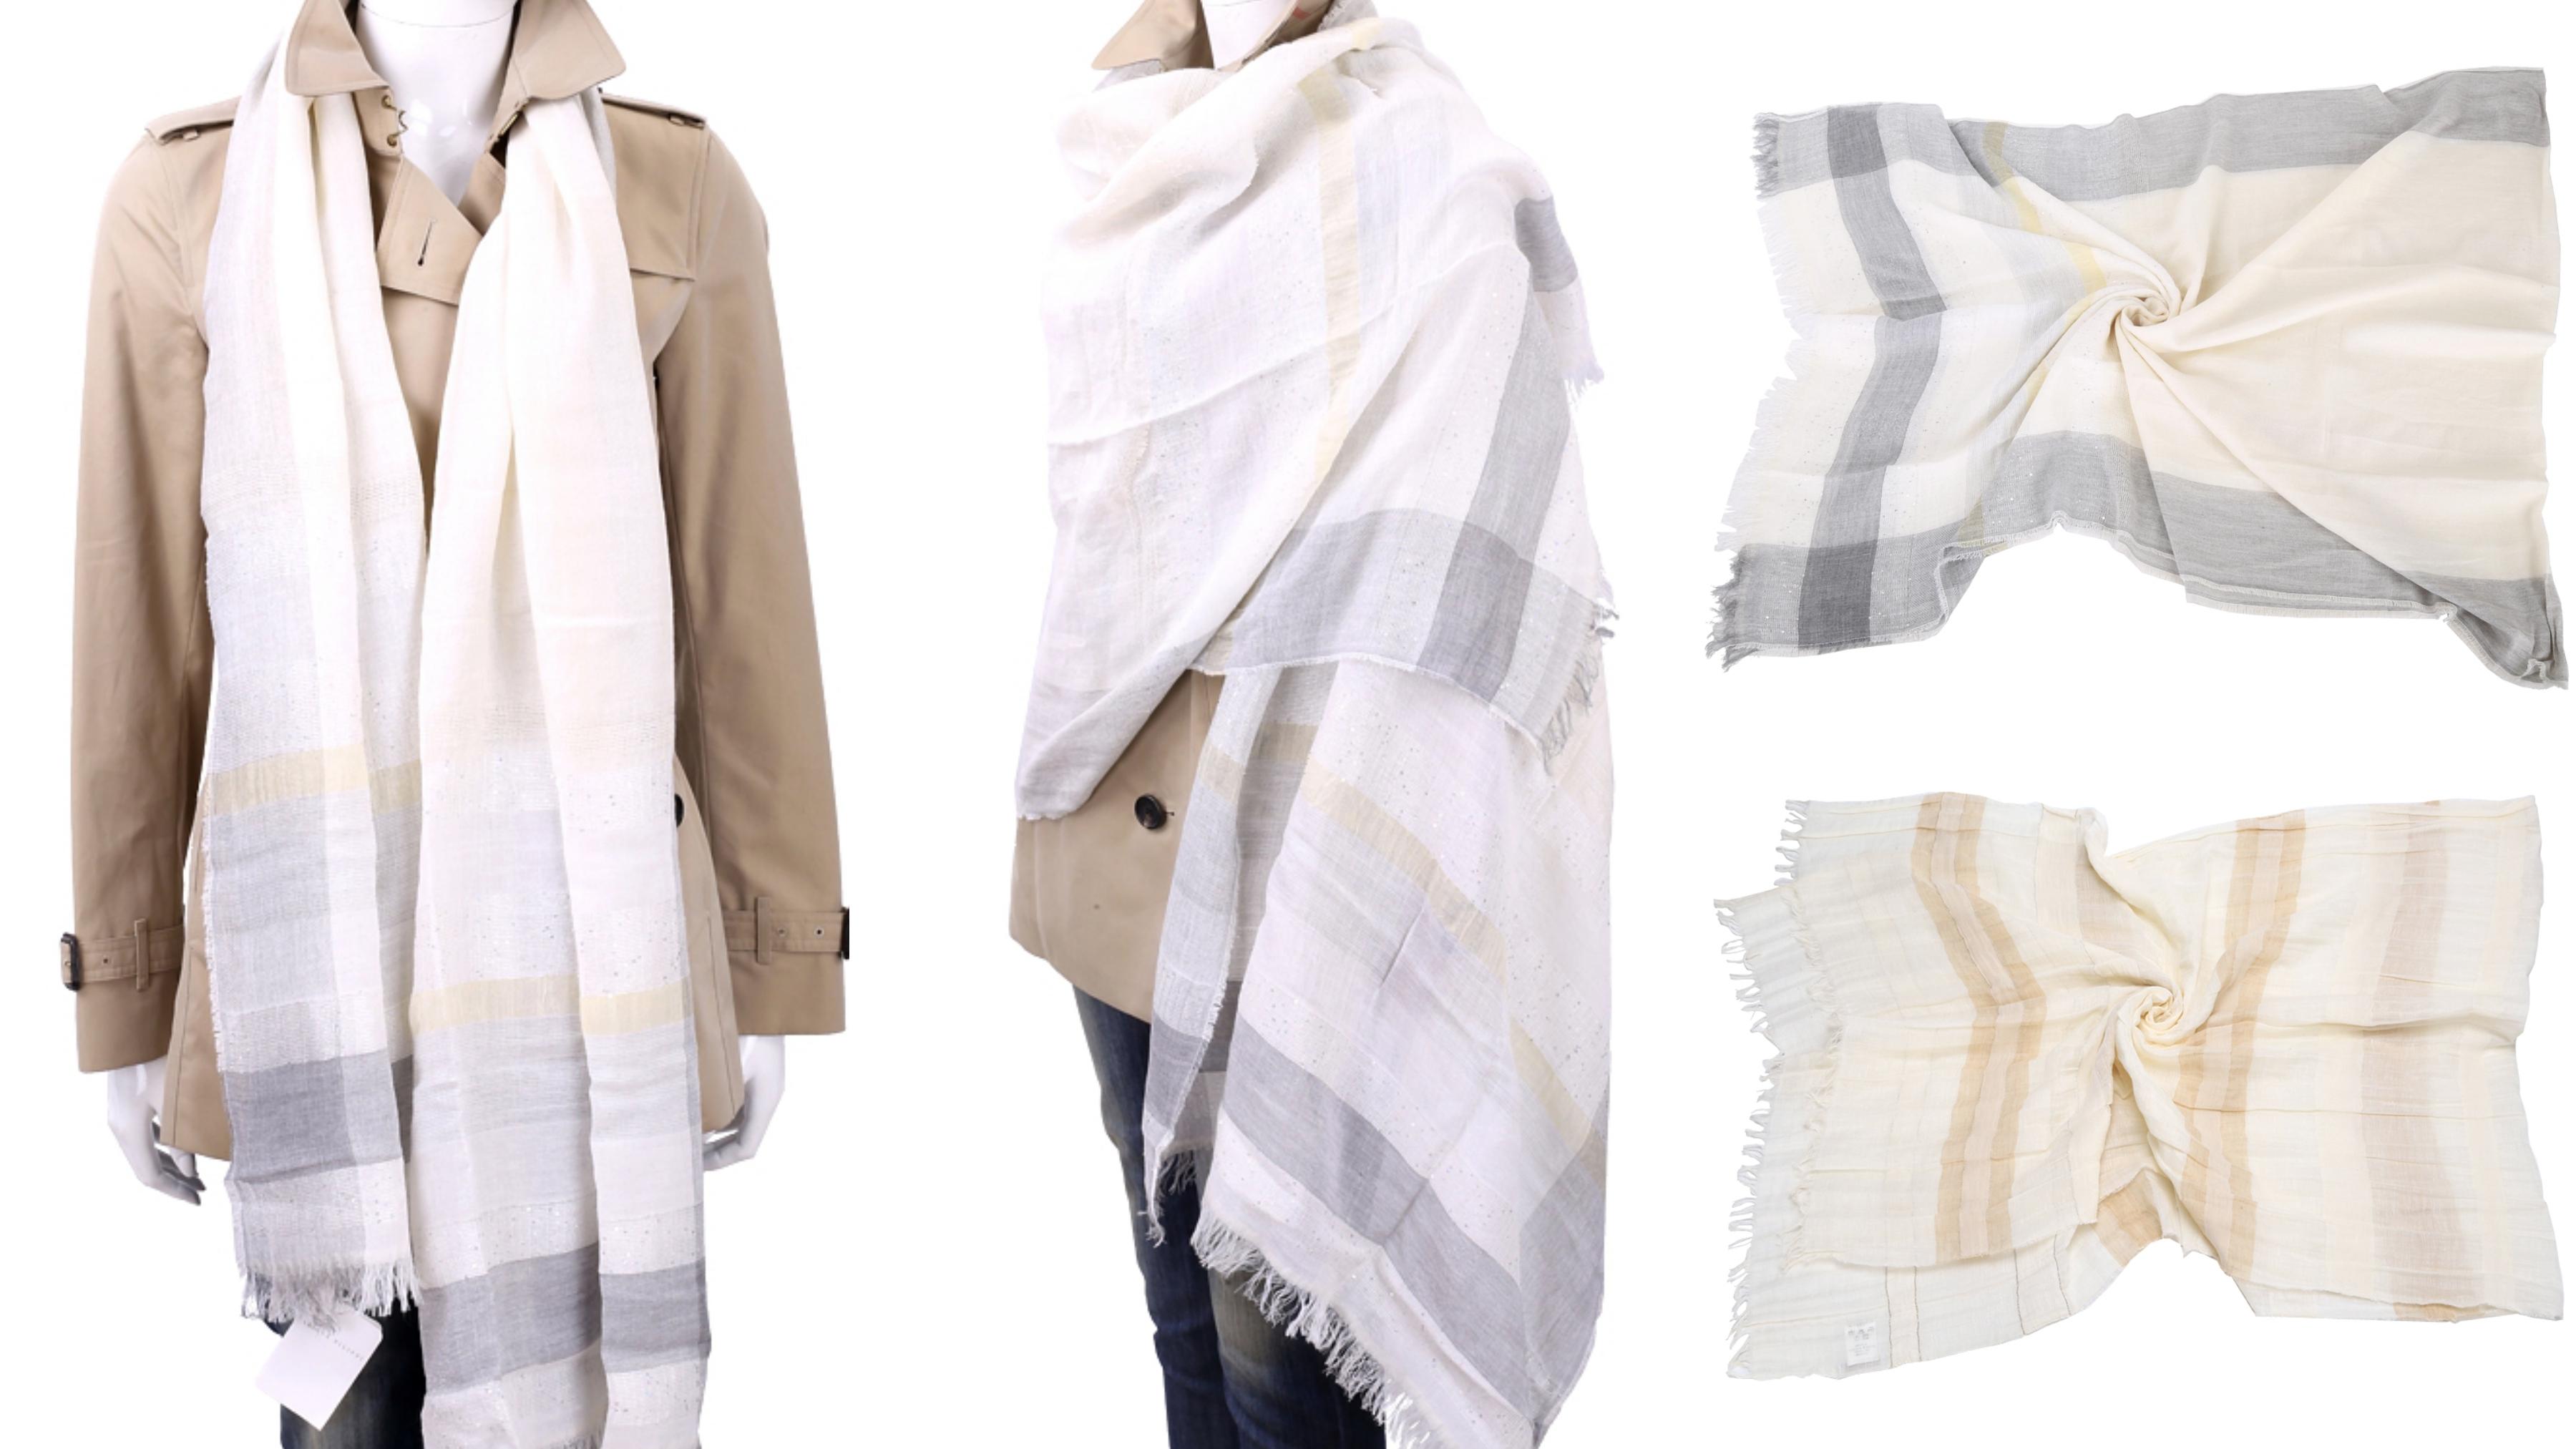 FABIANA FILIPPI 米色流蘇格紋絲綢圍巾 細膩質感散發出獨特品味,格紋透過拼接材質,展現歷久不衰的元素